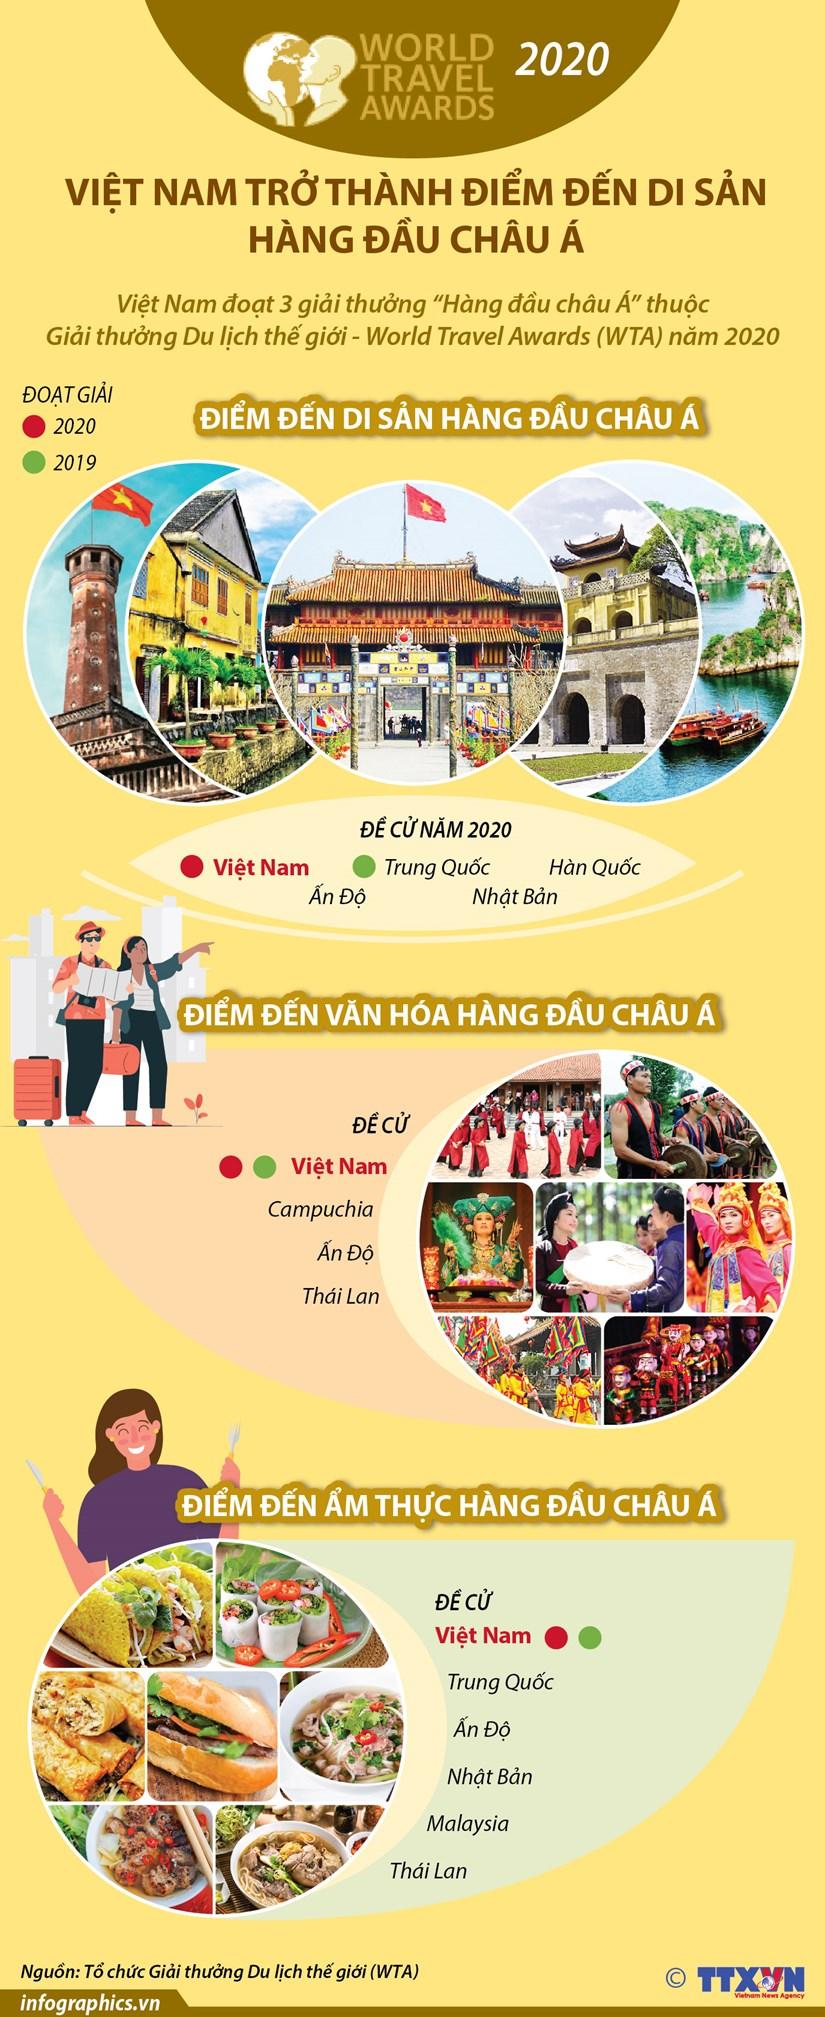 [Infographics] Viet Nam tro thanh diem den di san hang dau chau A hinh anh 1